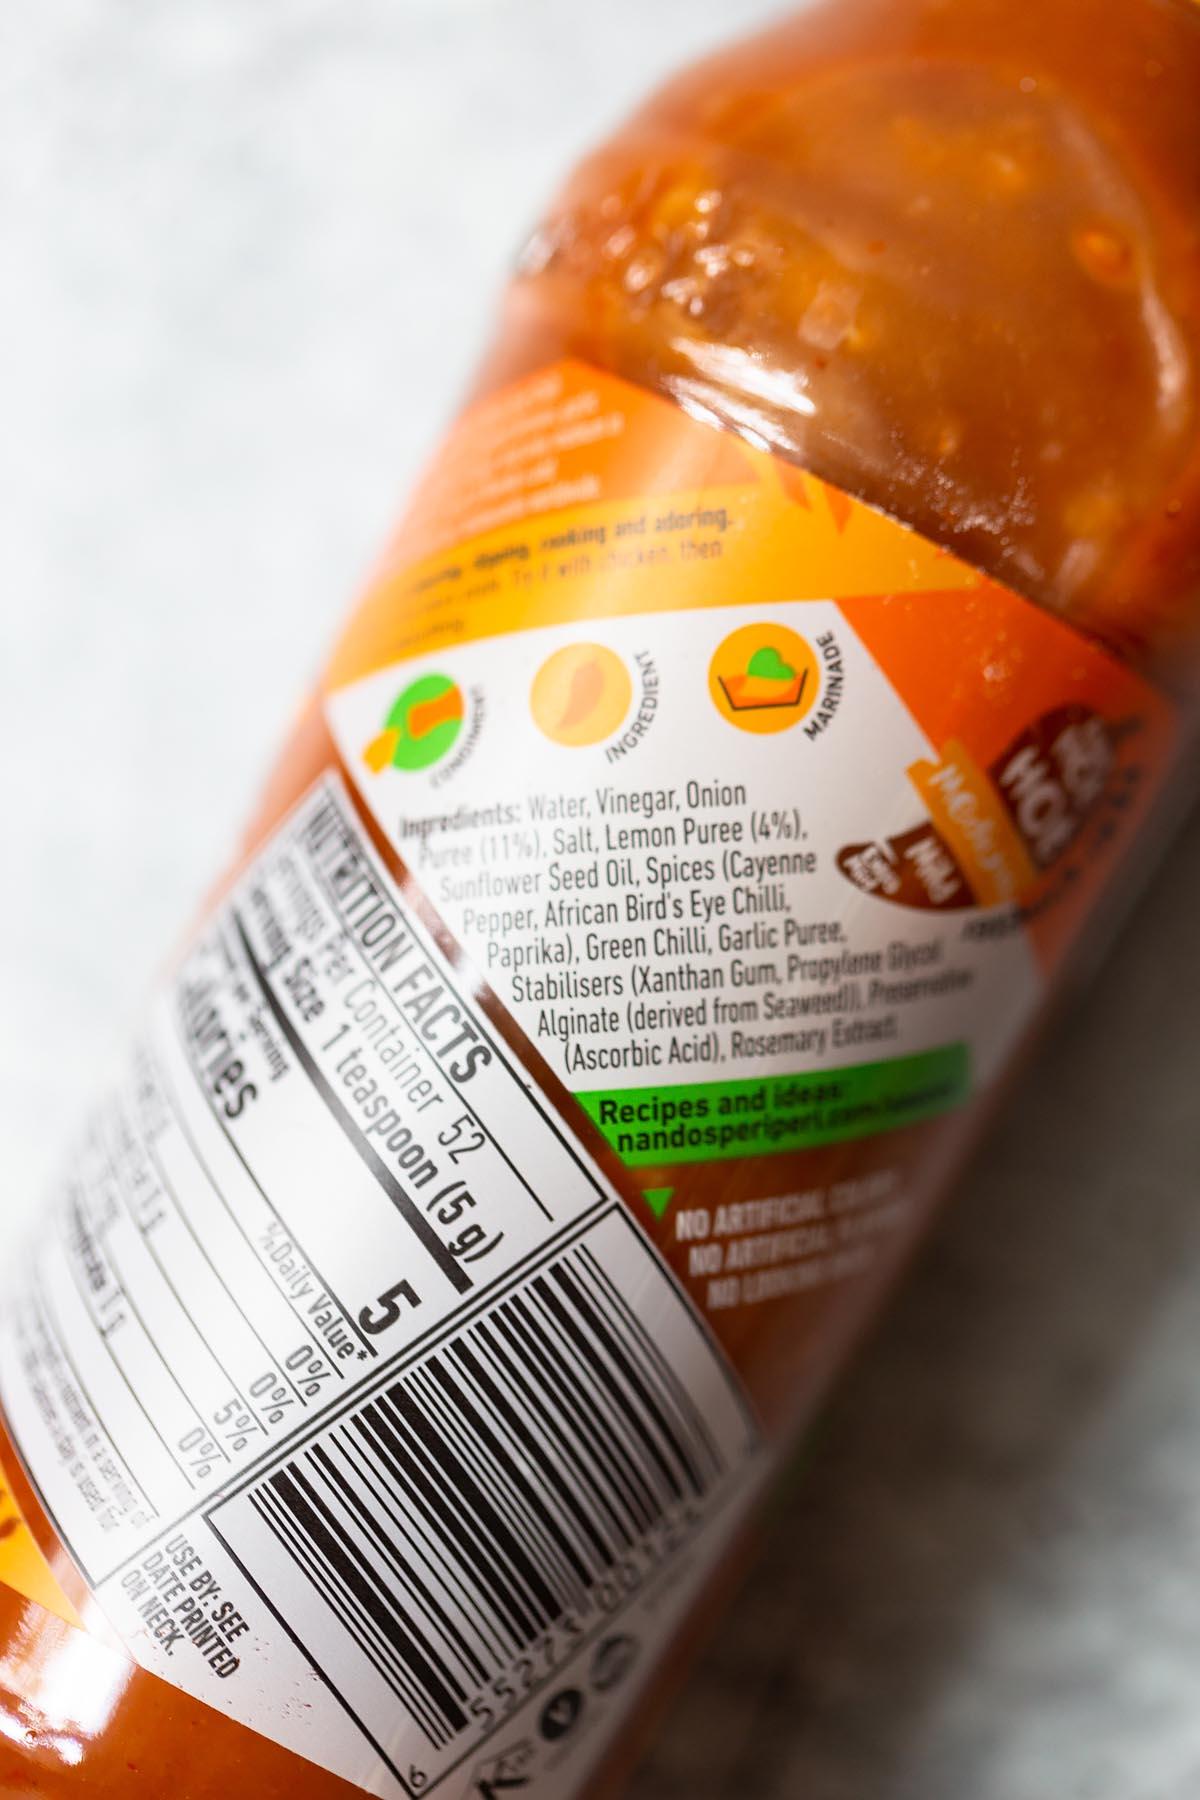 nandos peri peri sauce ingredient label